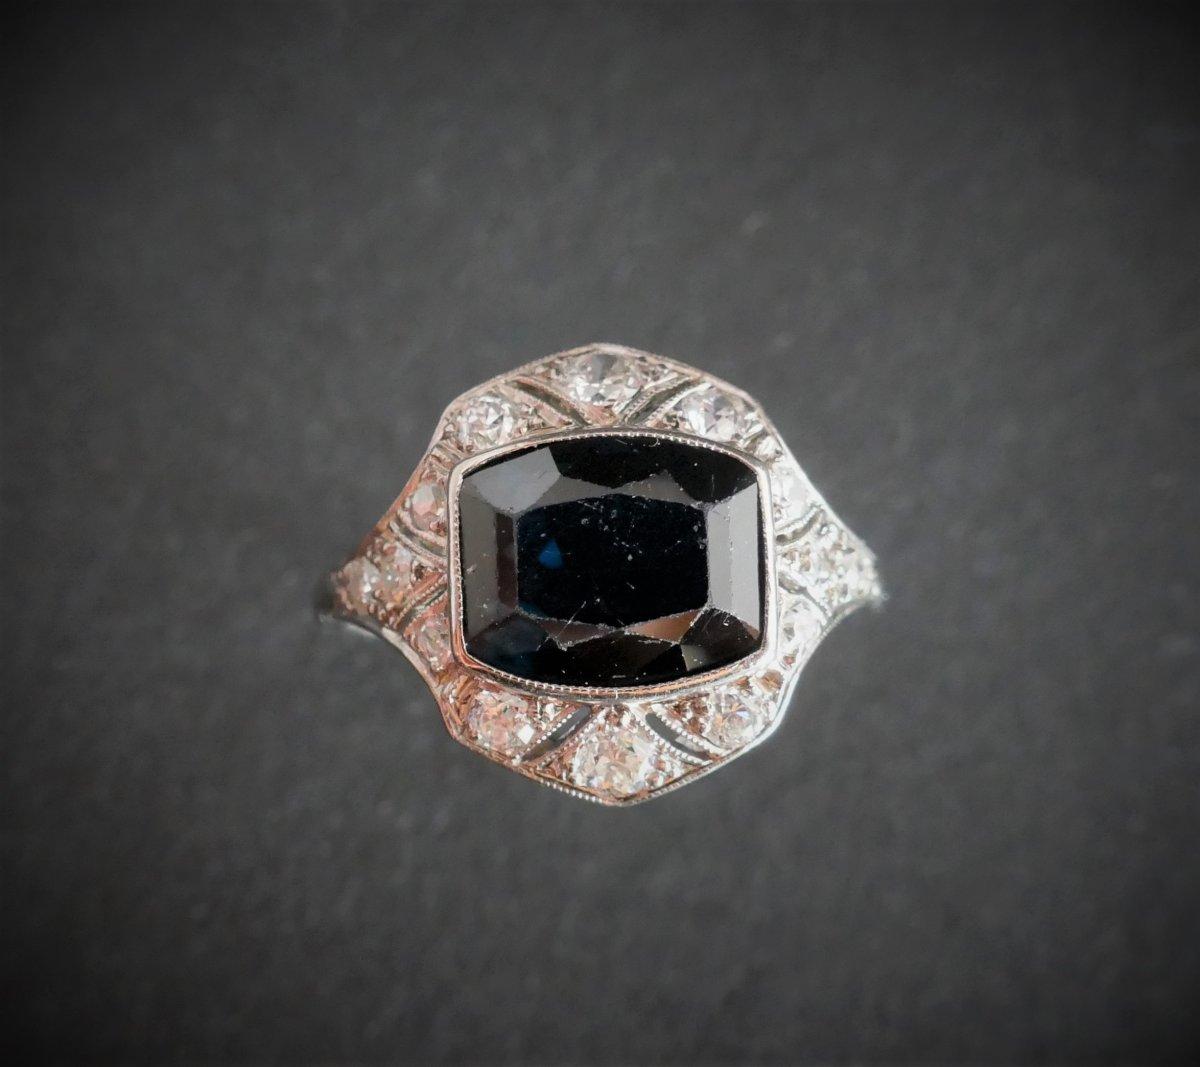 Bague Saphir et Diamants, Monture Platine.-photo-2